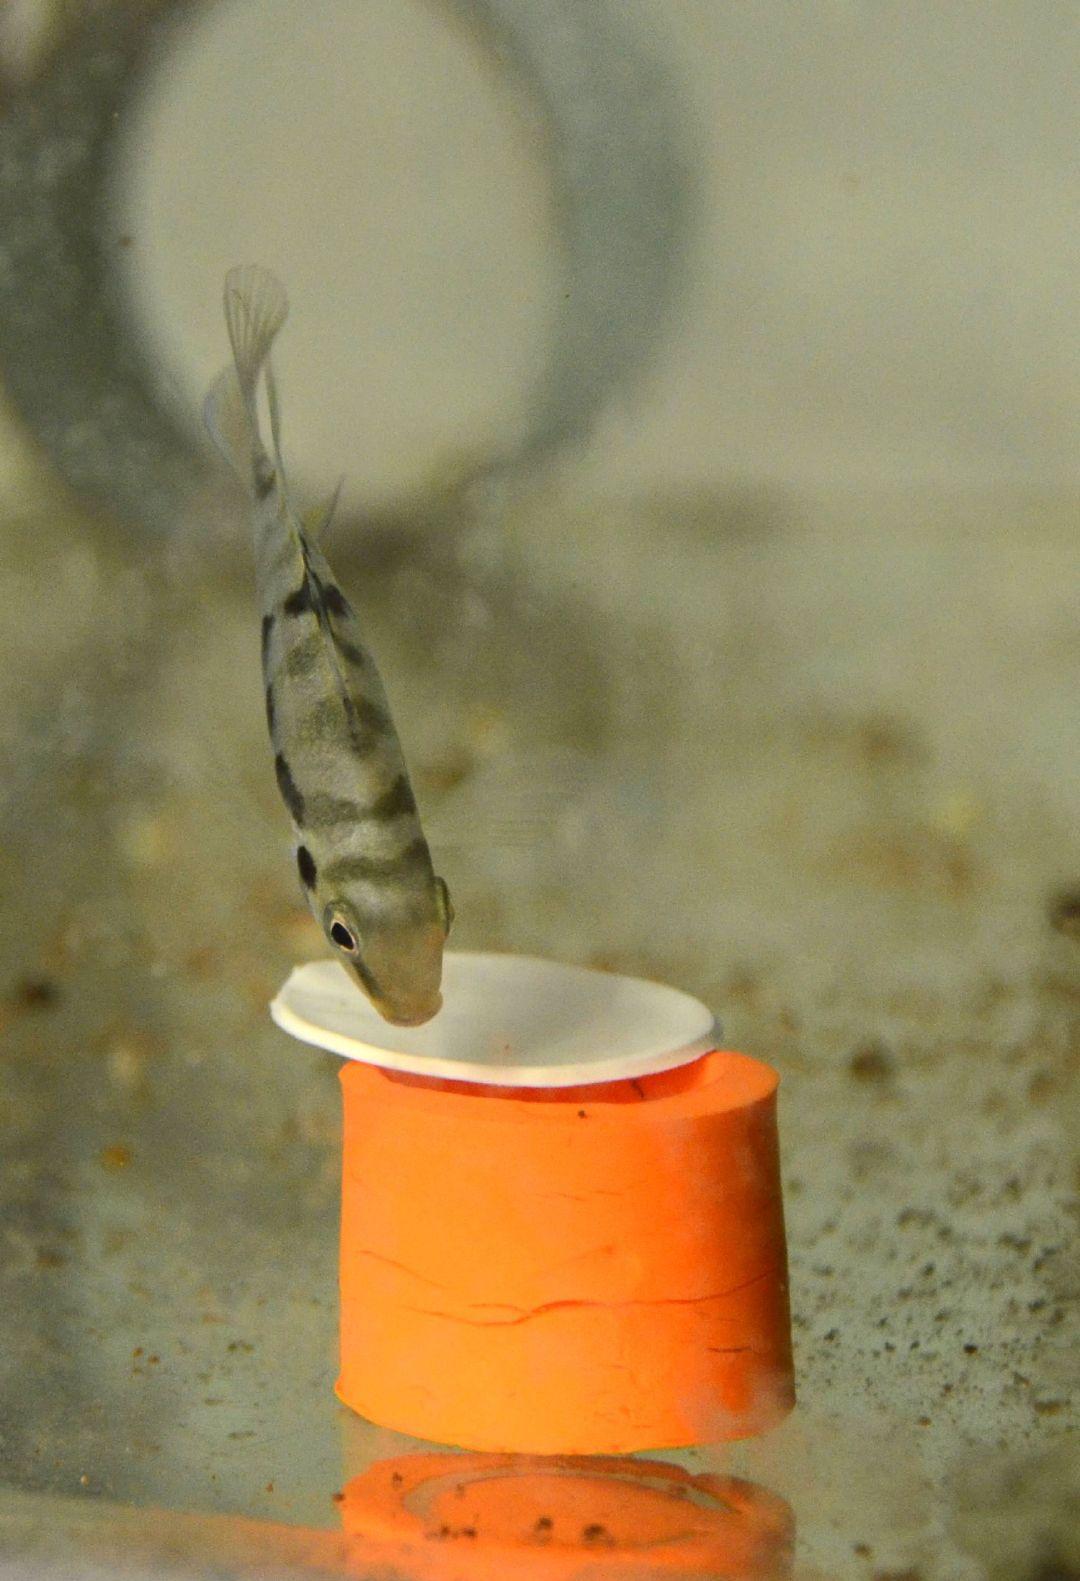 """法国研究人员发现鱼有悲观情绪 与伴侣分开会感到""""心痛"""""""